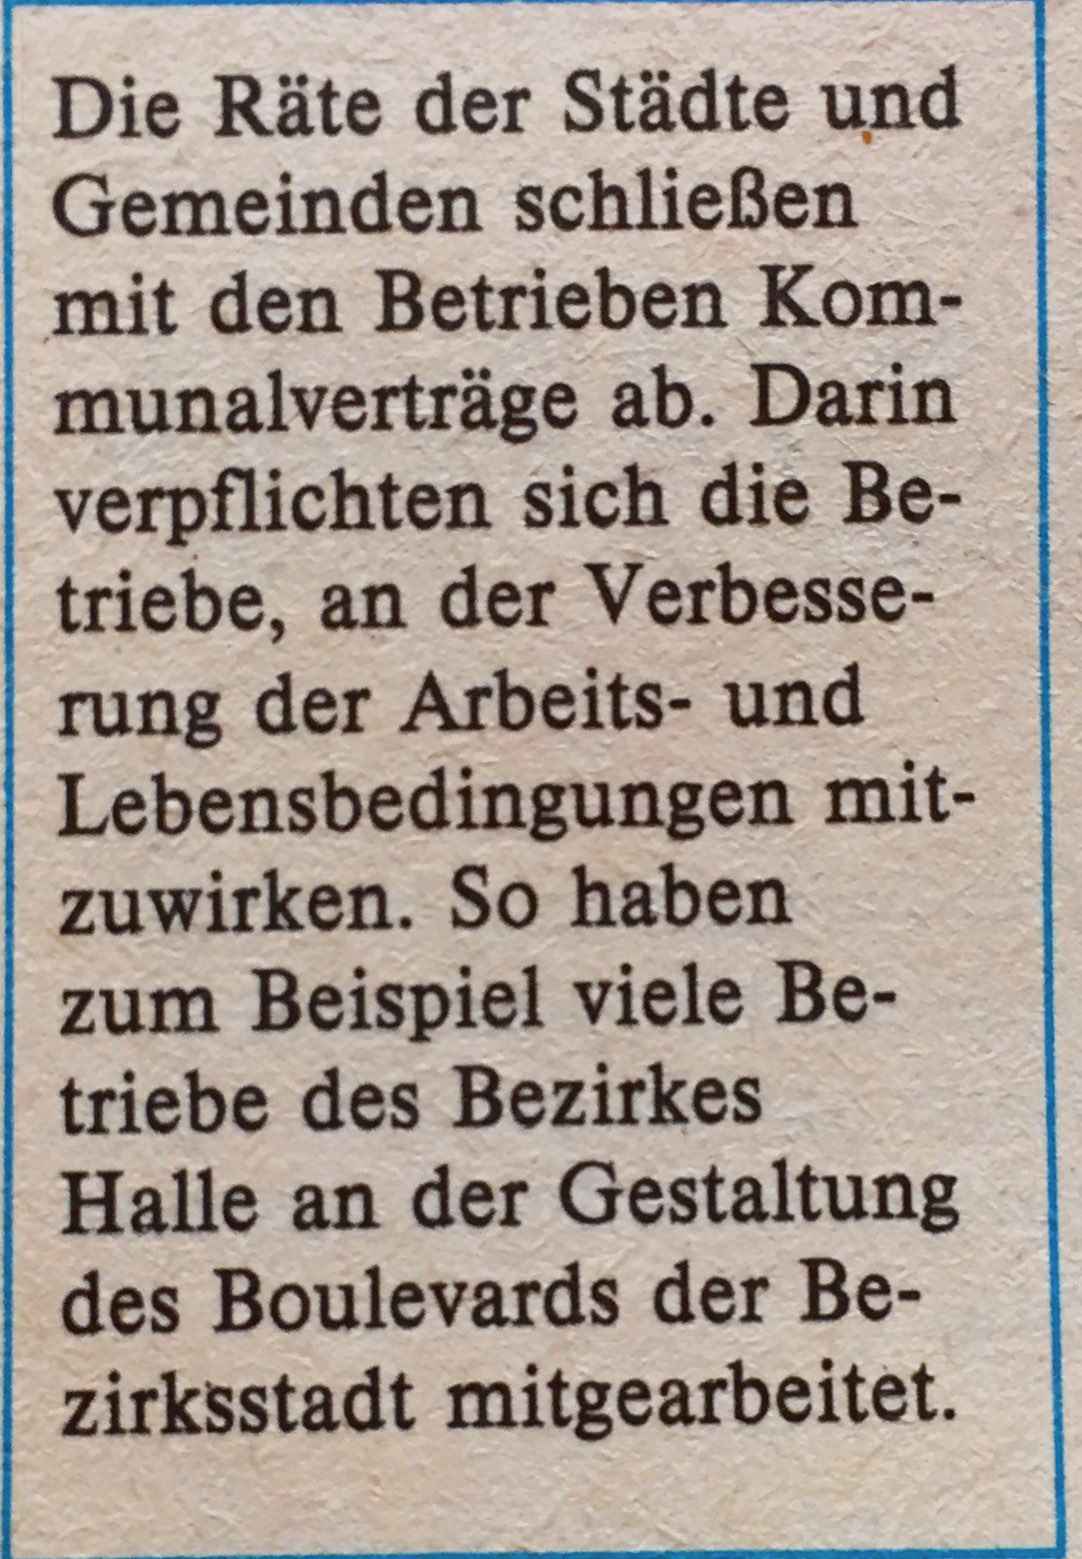 Kommunalverträge DDR